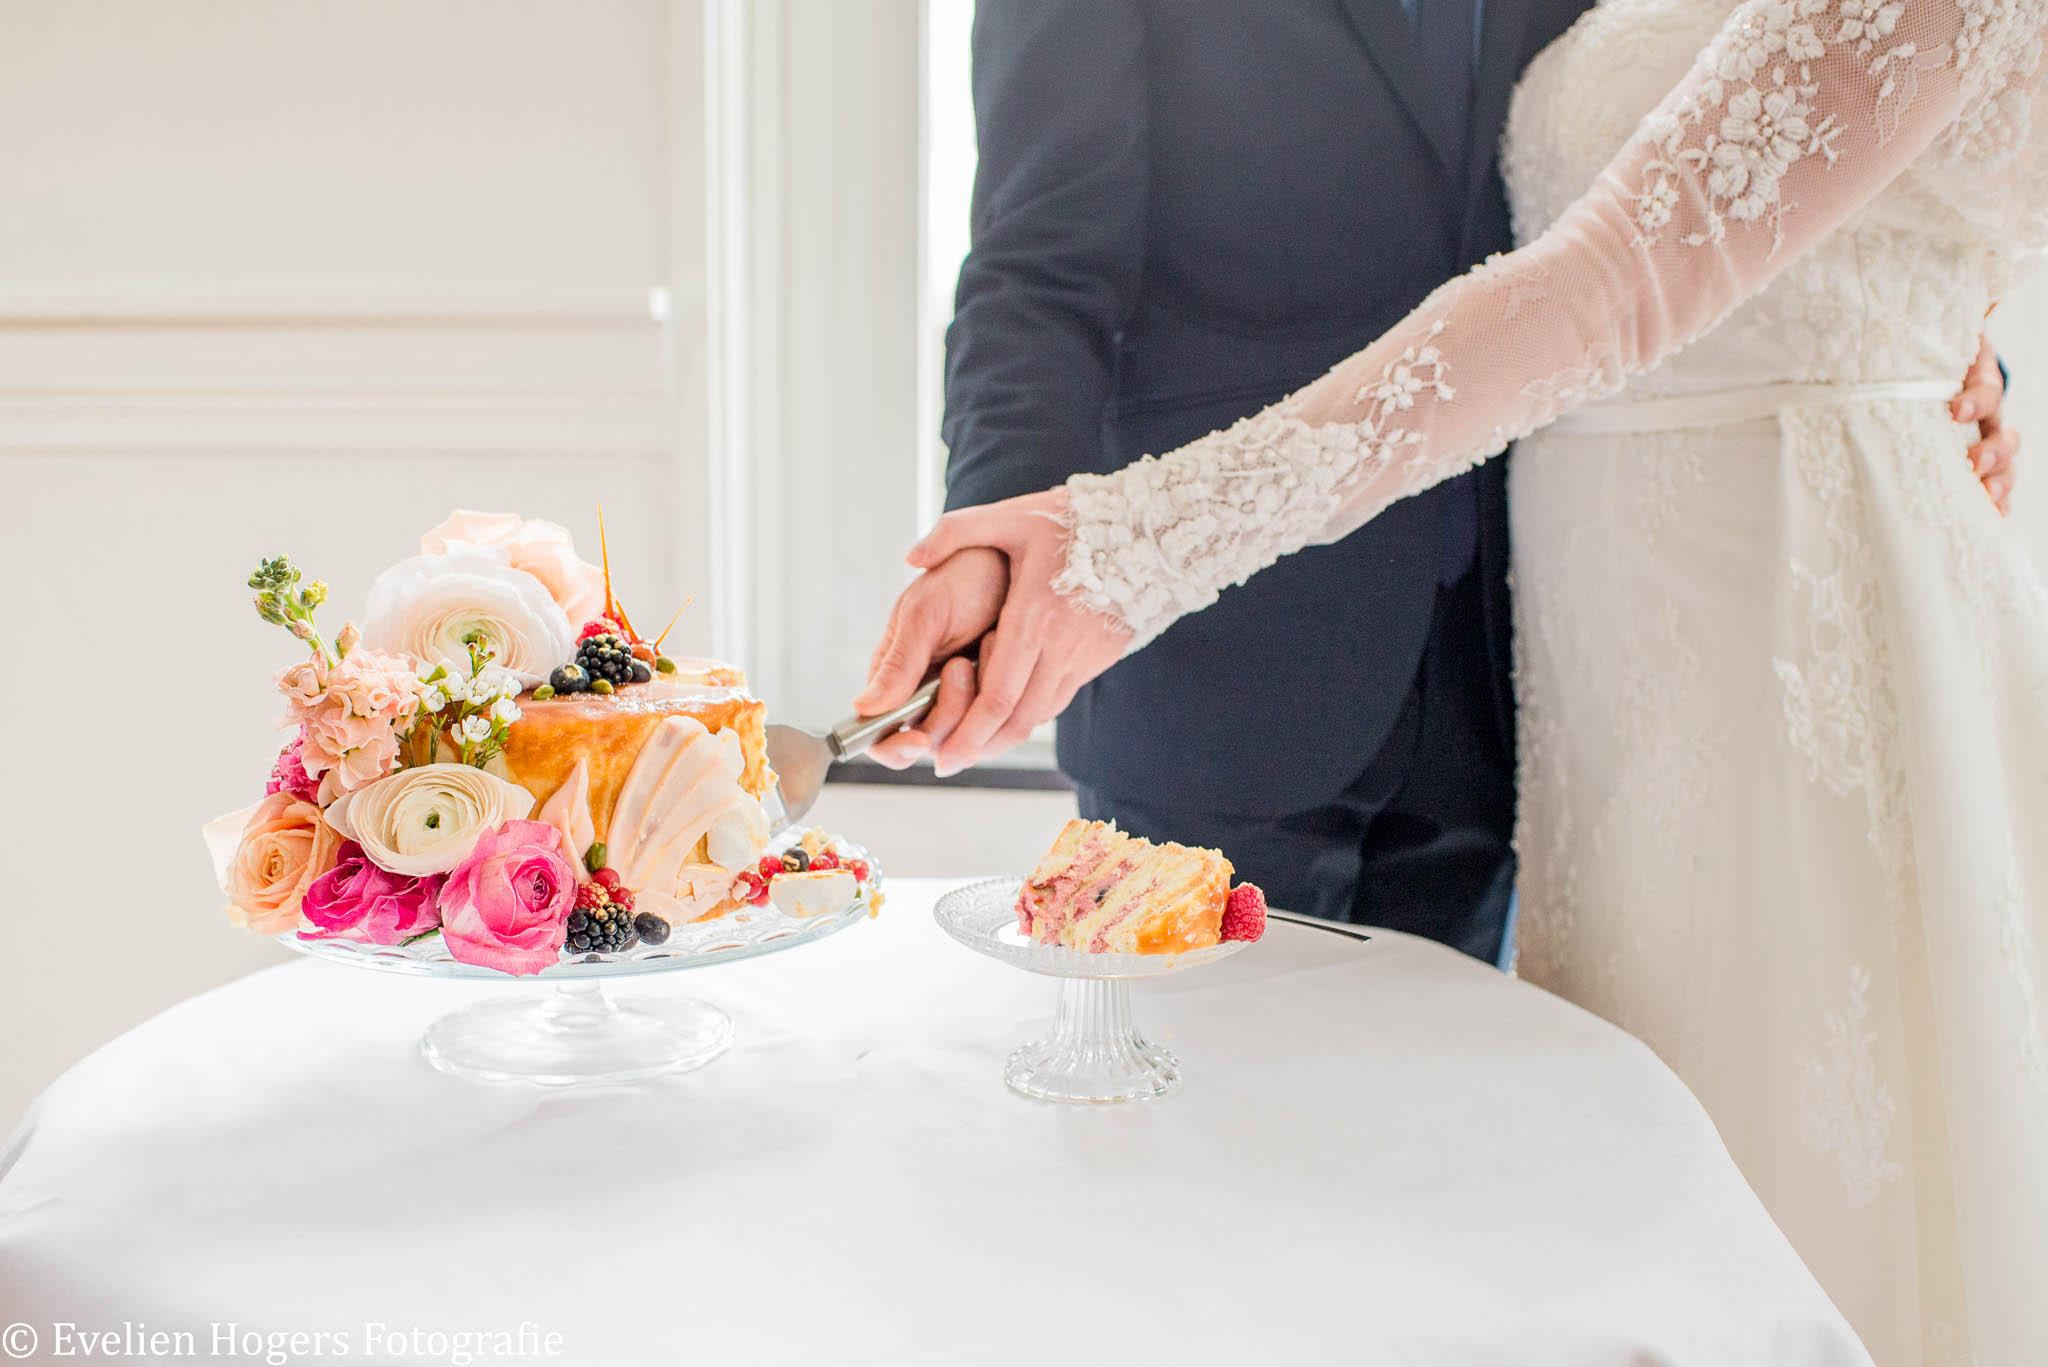 Estate_wedding_Metwatermerk-39.jpg